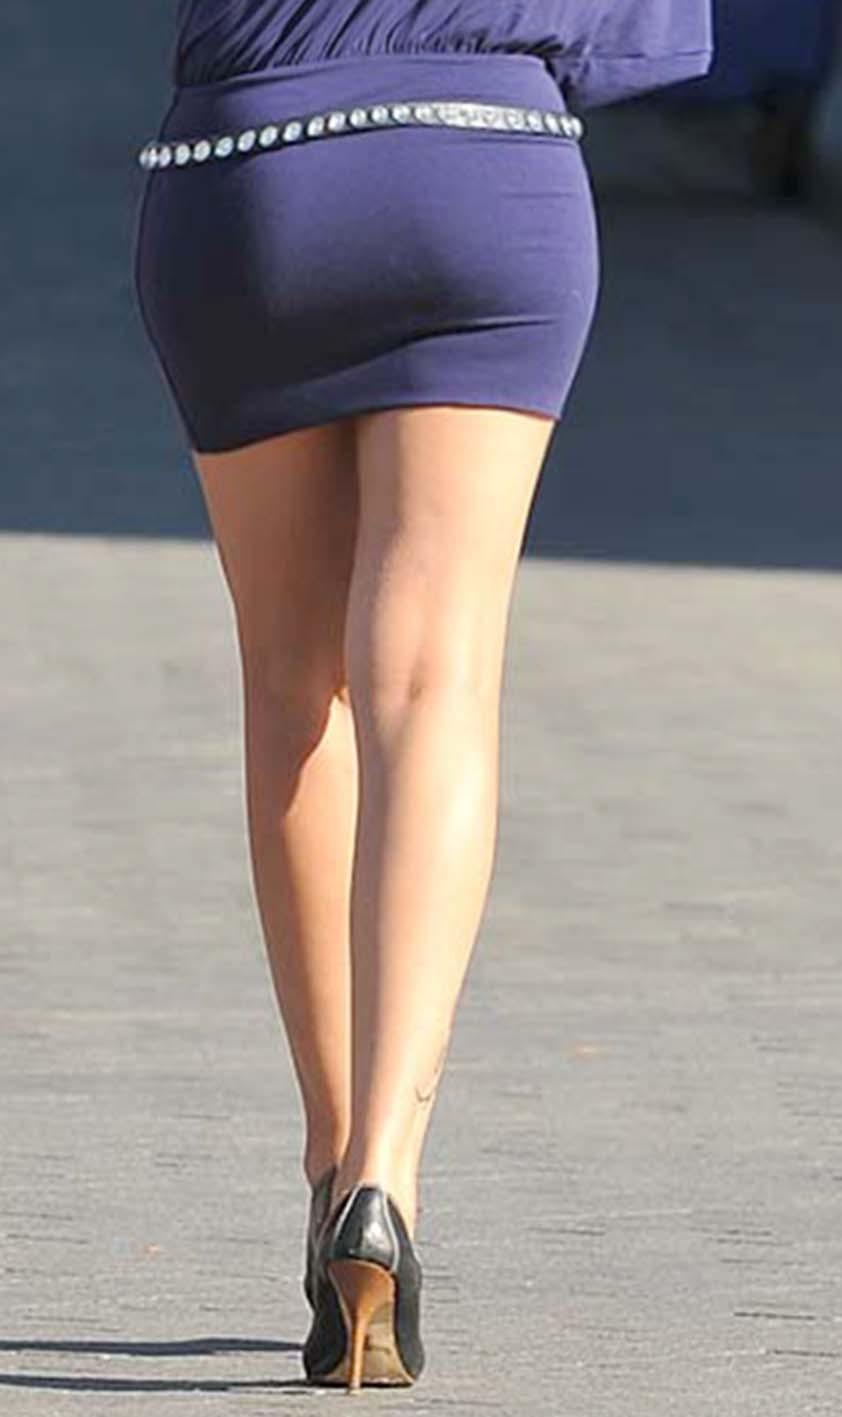 【ミニスカエロ画像】街で見かけたらパンチラの予感を回避できないタイトのミニスカ姿  12